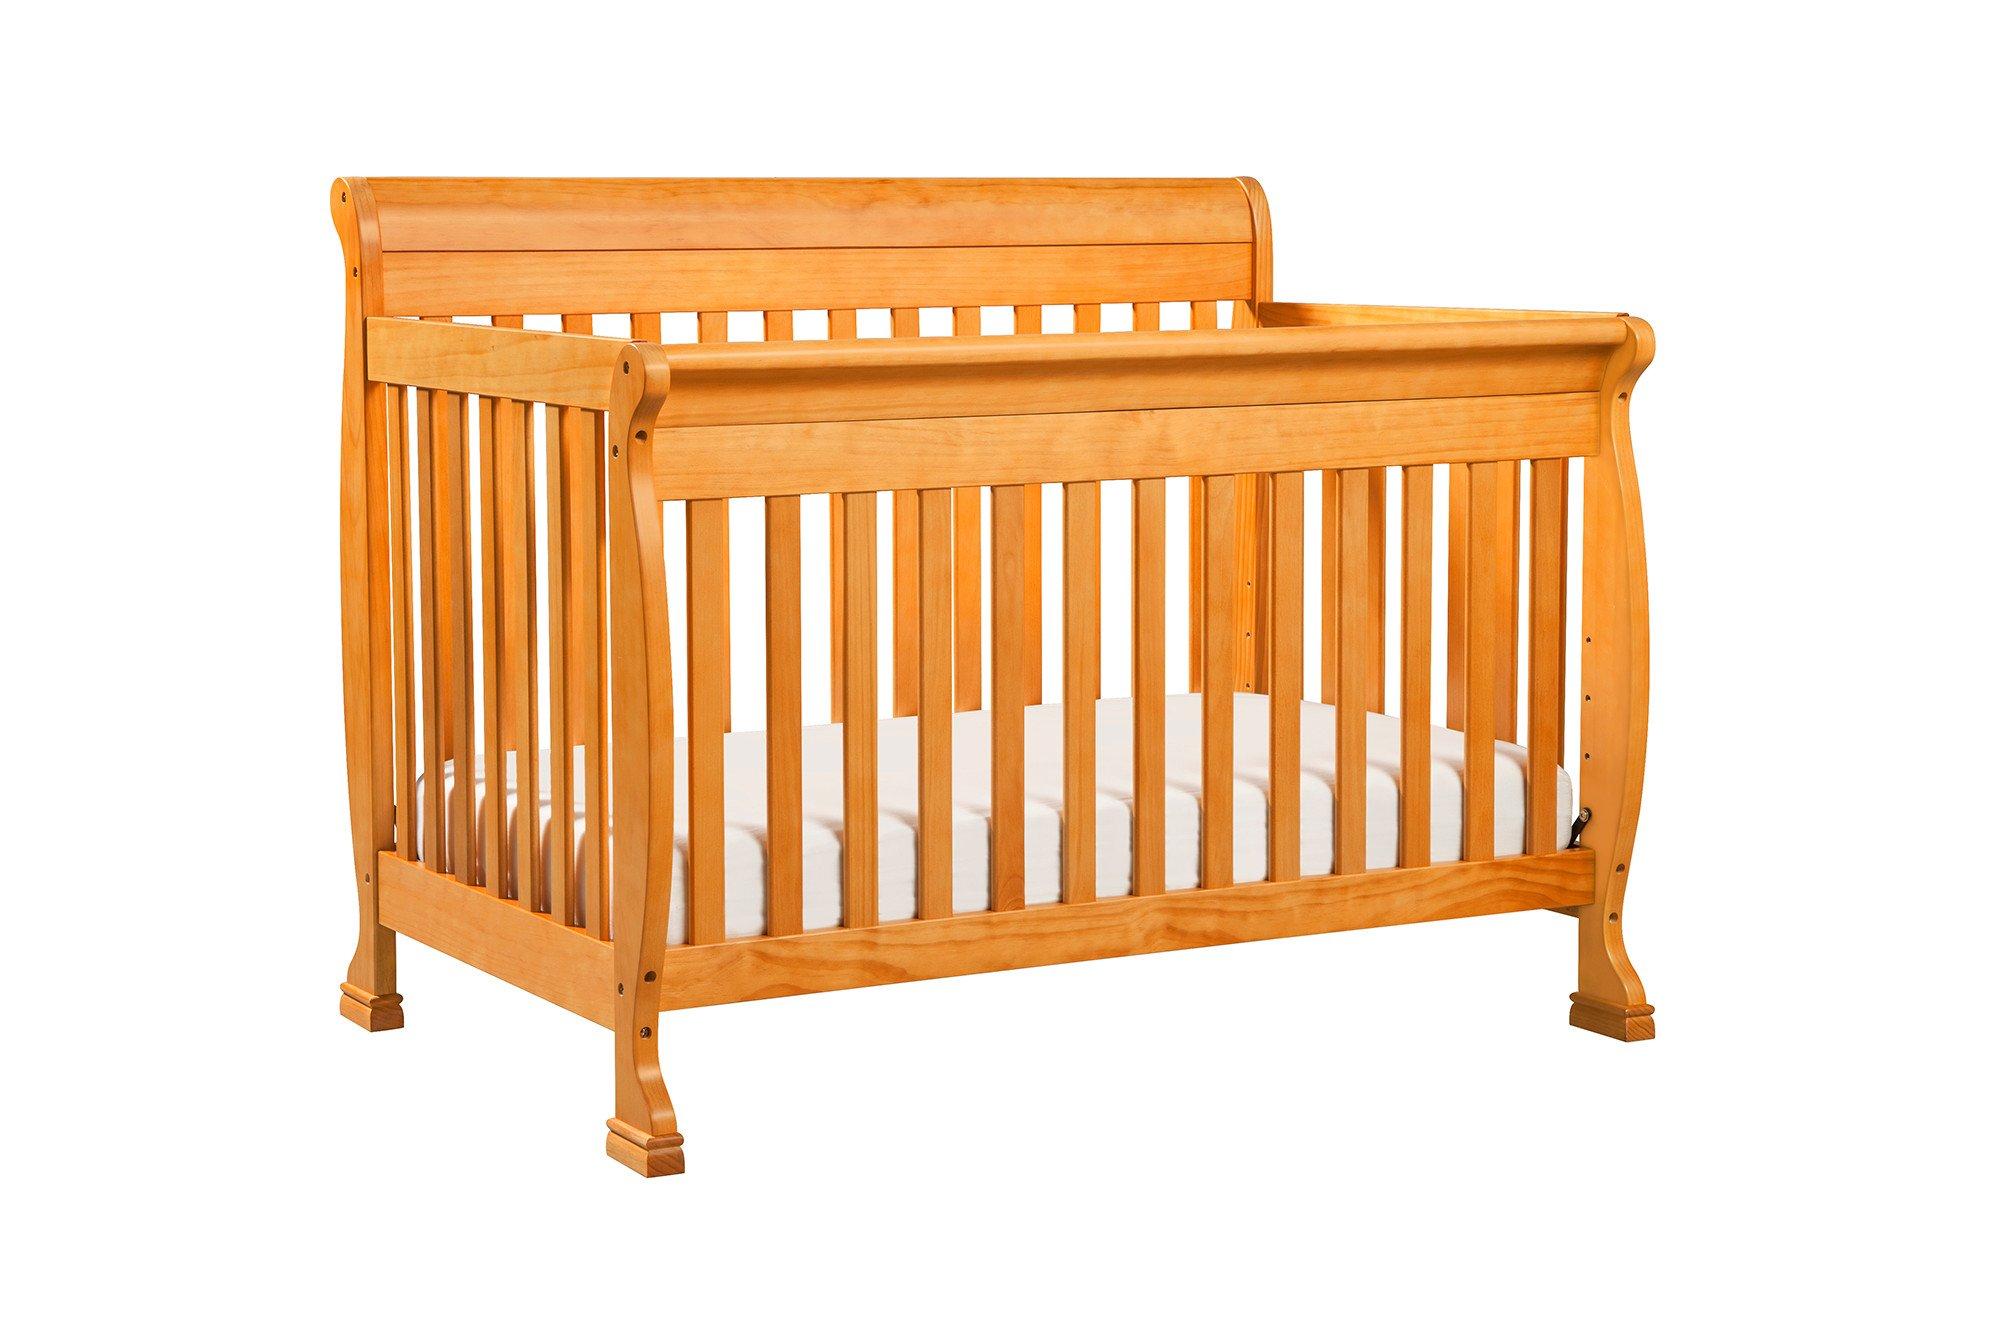 davinci crib changer pin and baby sonoma cribs espresso convertible mini annabelle